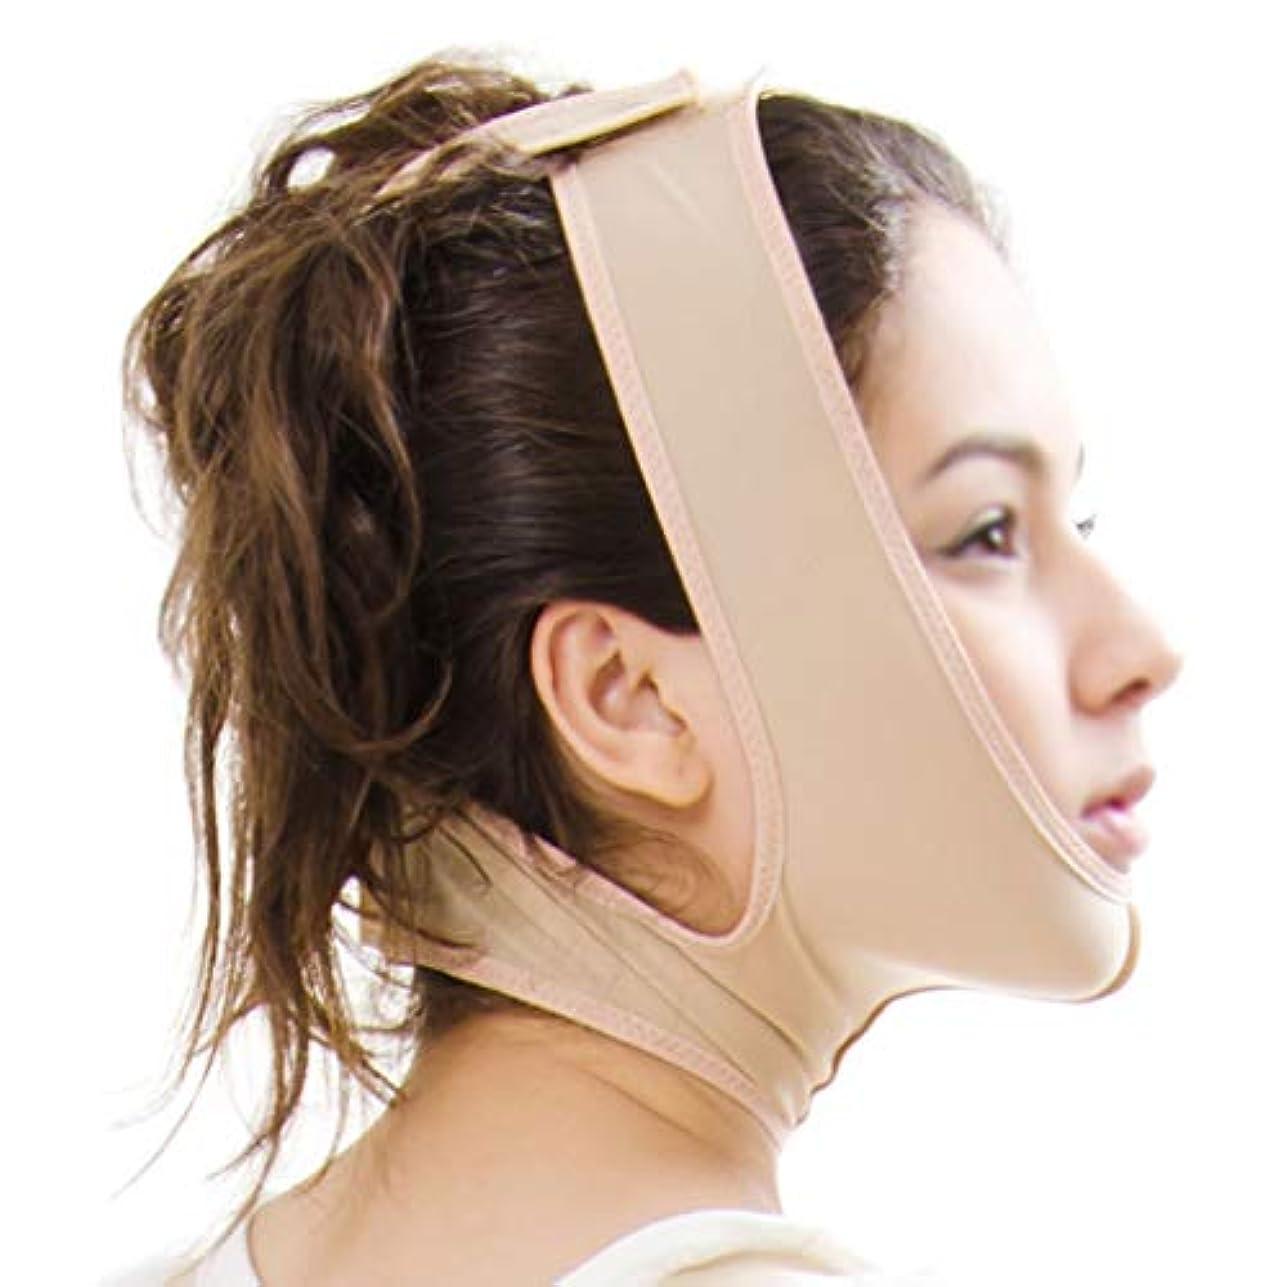 両方通り光景GLJJQMY 顔面リフティング包帯あごの首と首の二重あごの脂肪吸引術後創傷マスク 顔用整形マスク (Size : S)